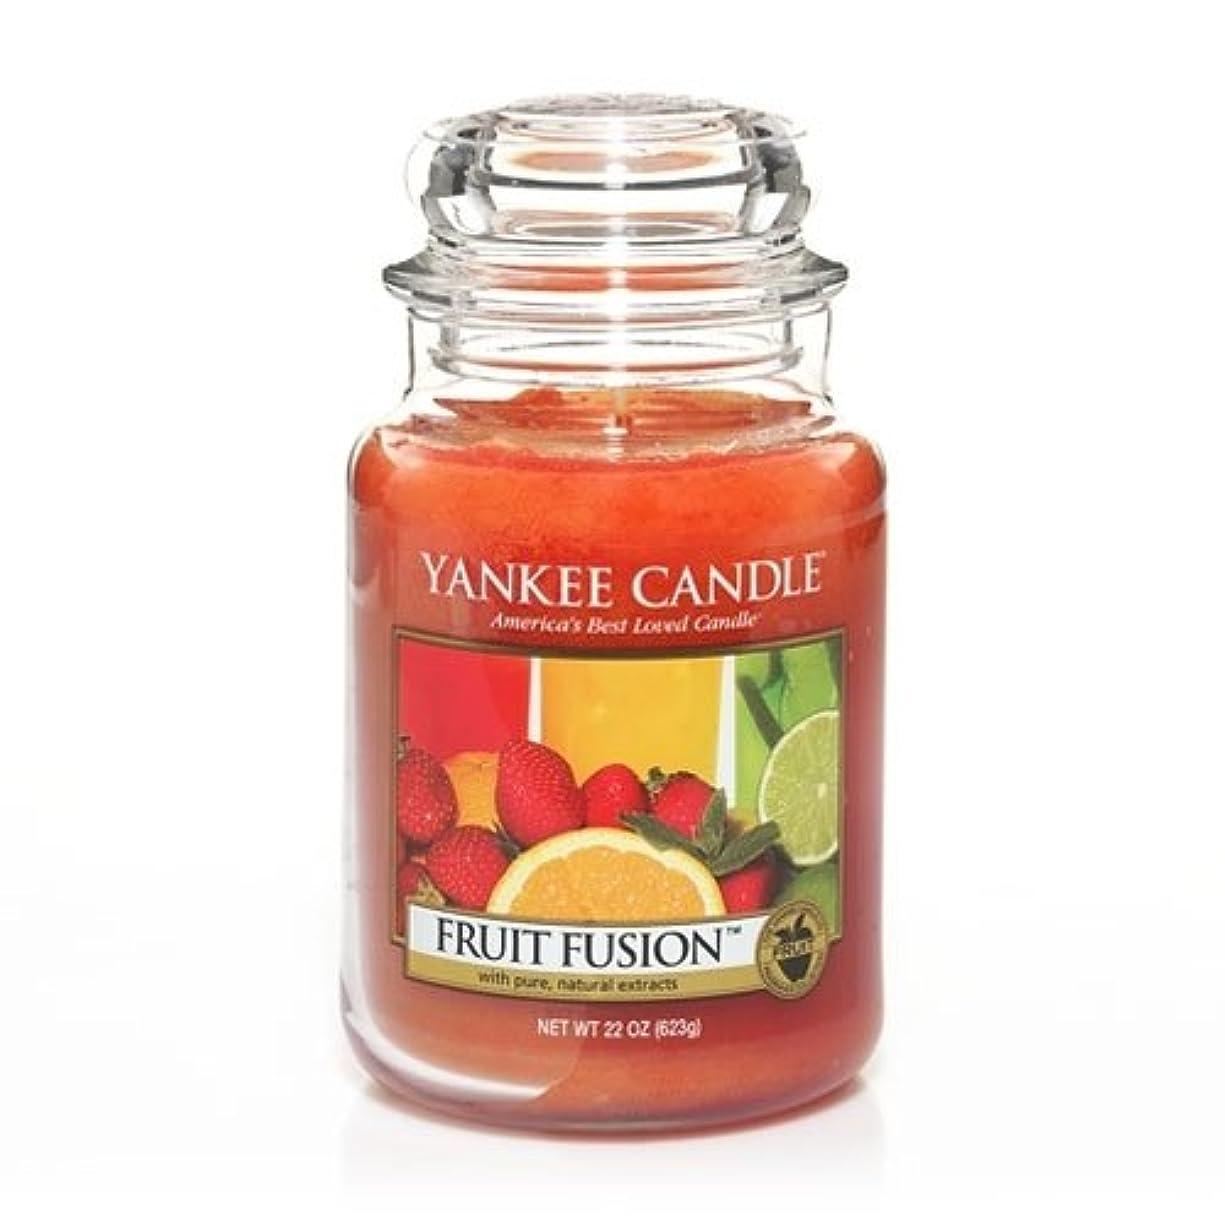 シェフ予測子国Yankee Candle Fruit Fusion、フルーツ香り Large Jar Candles オレンジ 1230712-YC